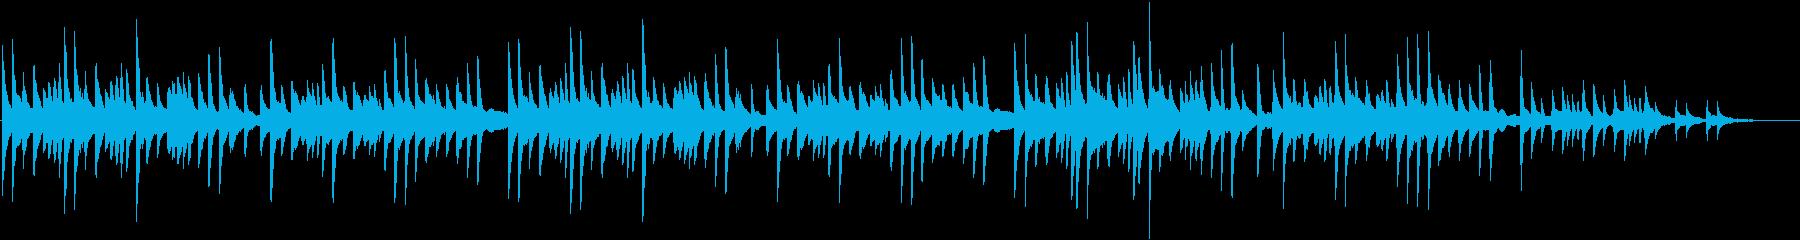 いやしの3拍子ゆらゆら浮遊感ピアノBGMの再生済みの波形